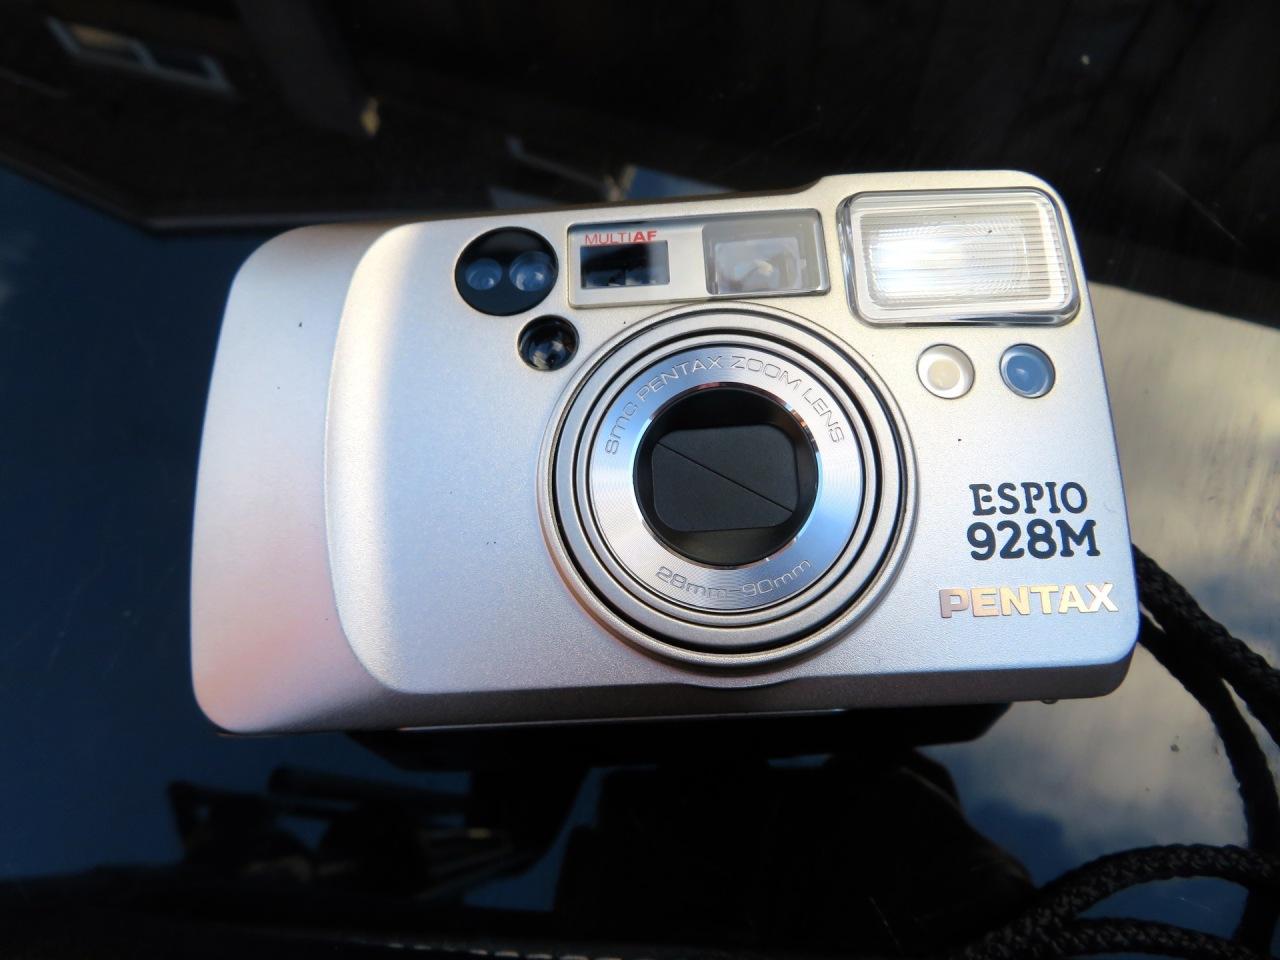 Pentax Espio 928M